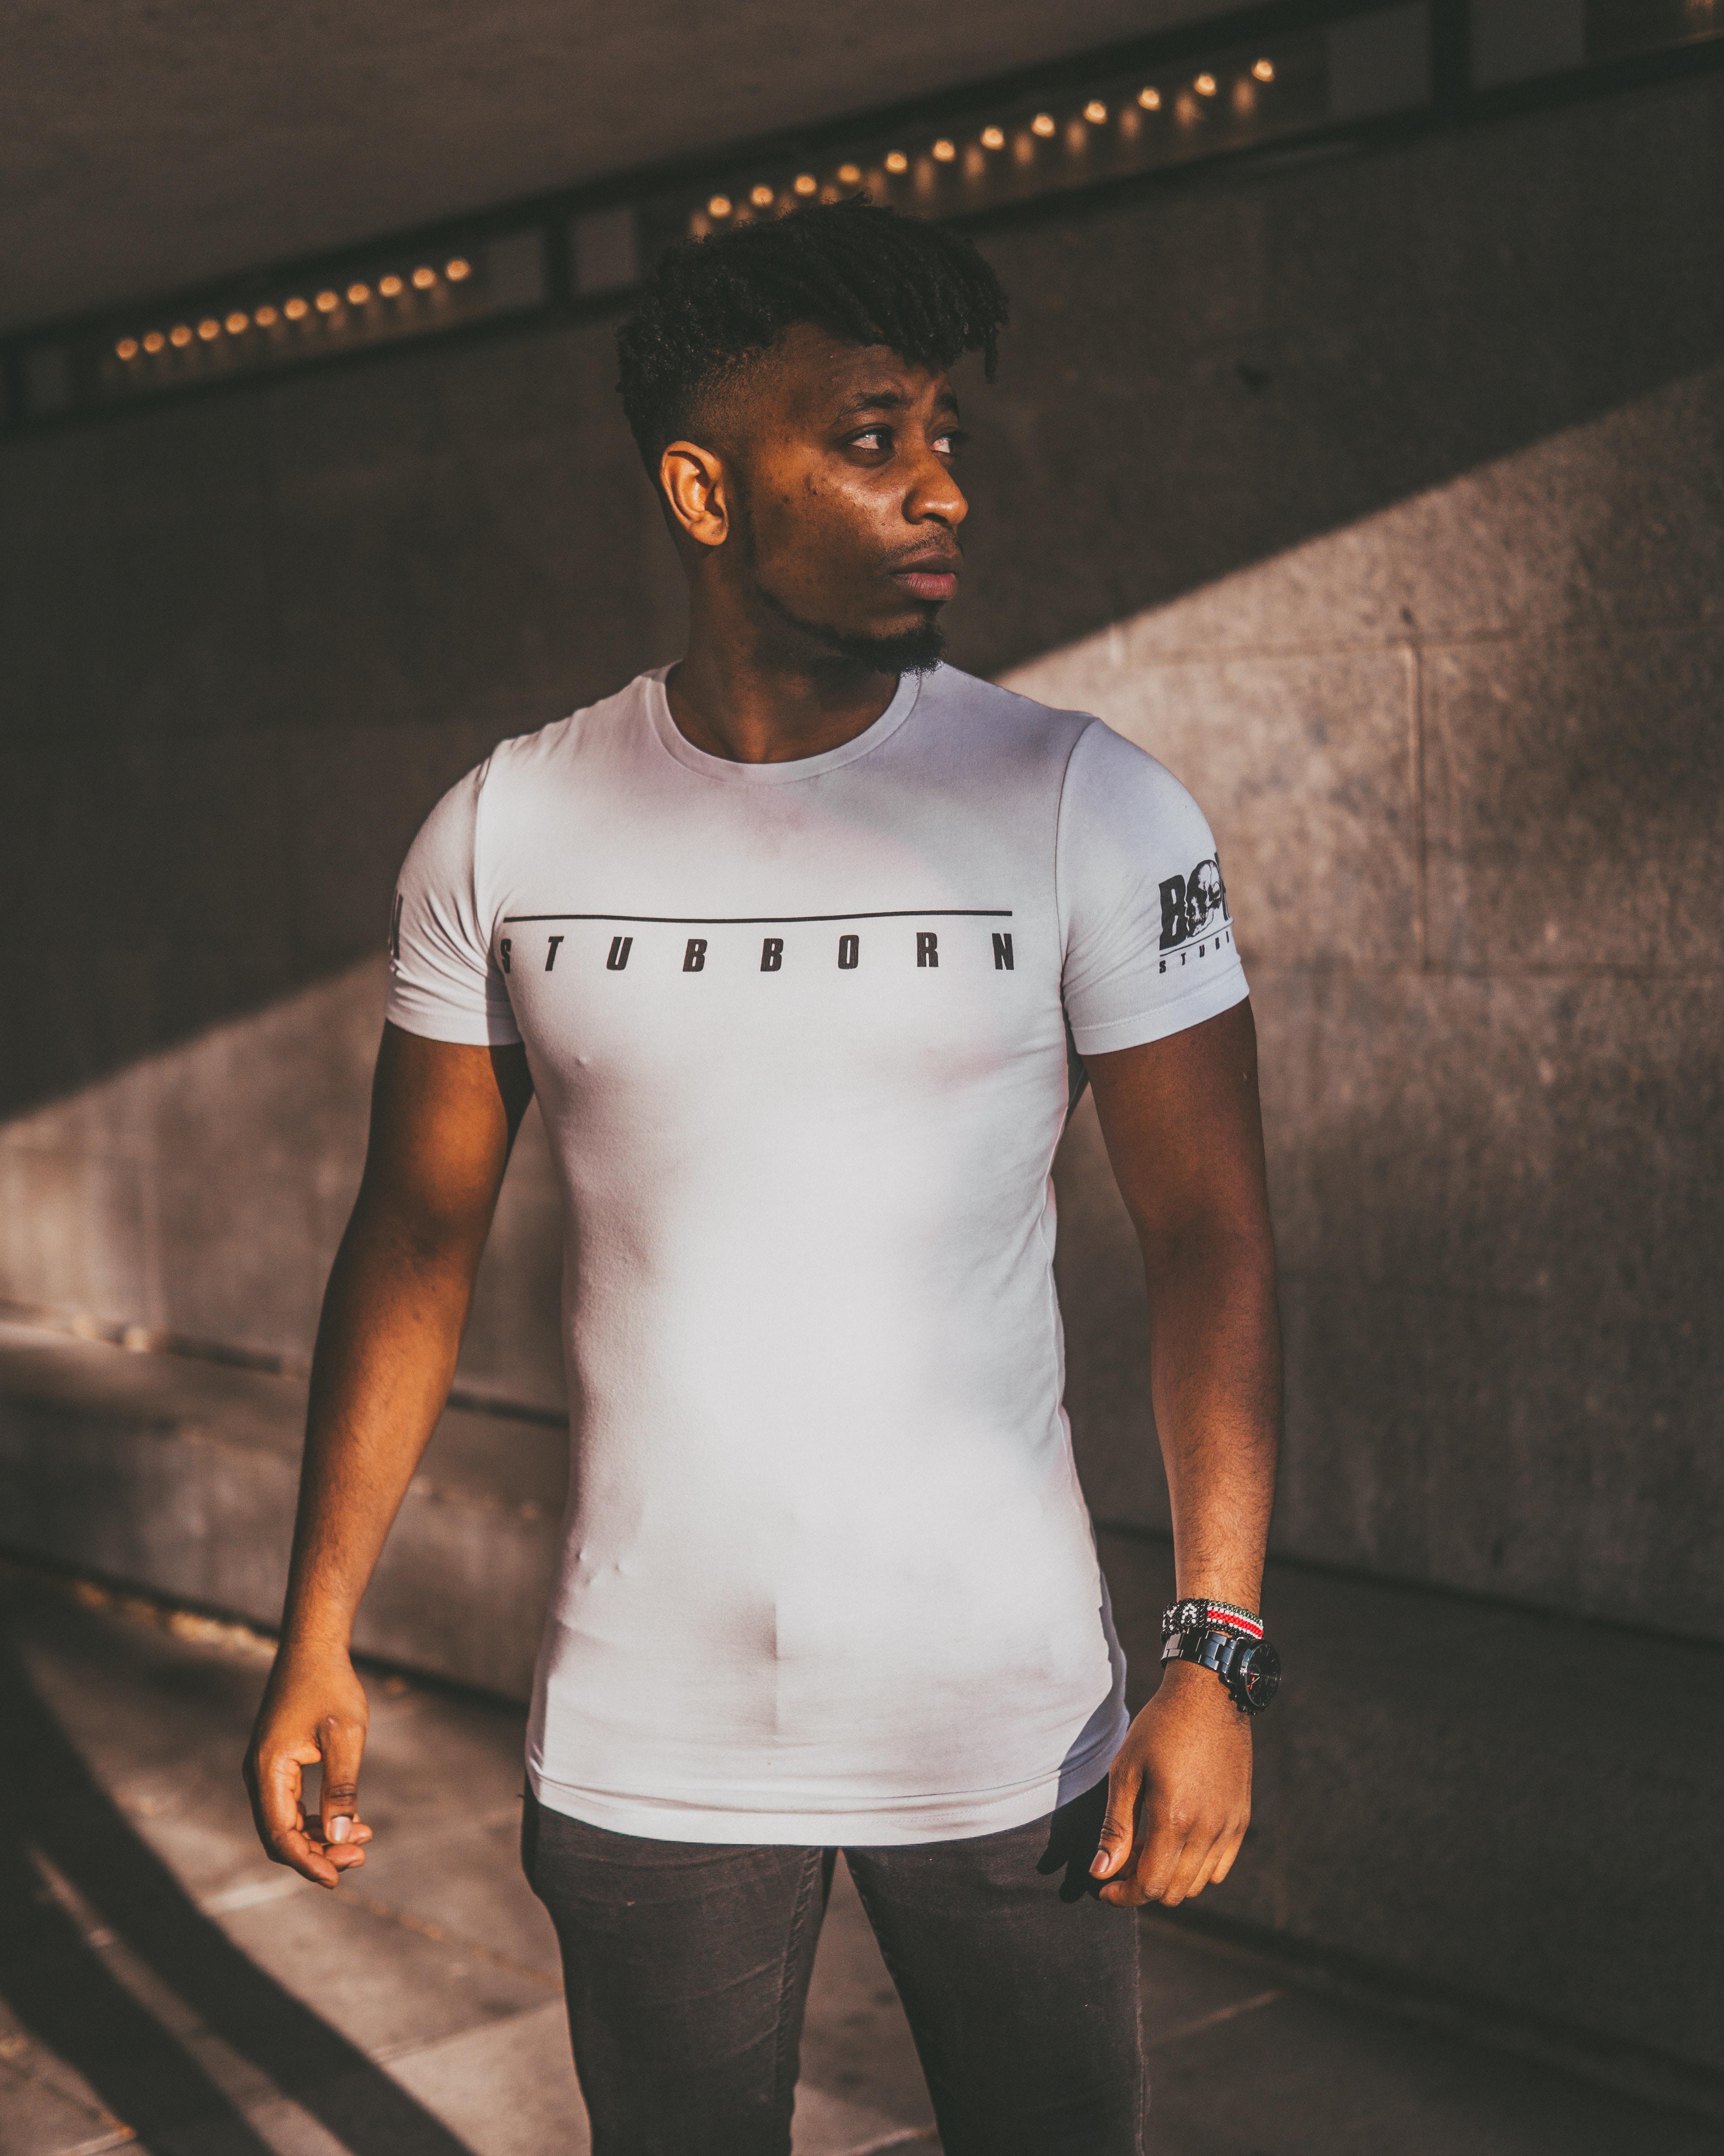 standing man wearing white shirt